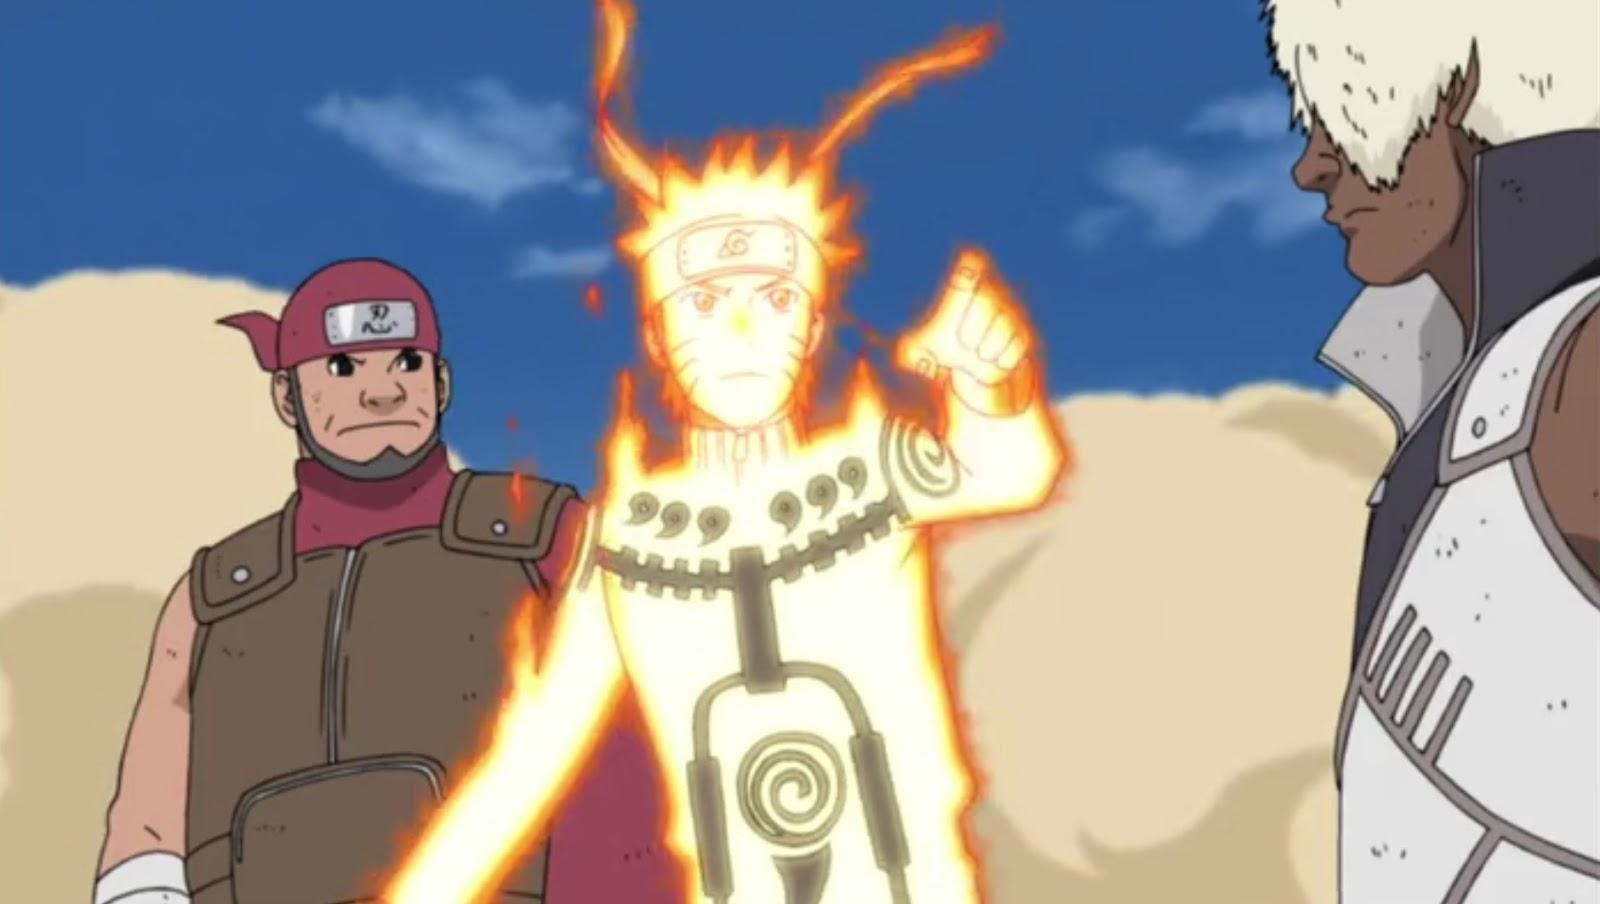 Naruto Shippuden Episódio 321, Assistir Naruto Shippuden Episódio 321, Assistir Naruto Shippuden Todos os Episódios Legendado, Naruto Shippuden episódio 321,HD